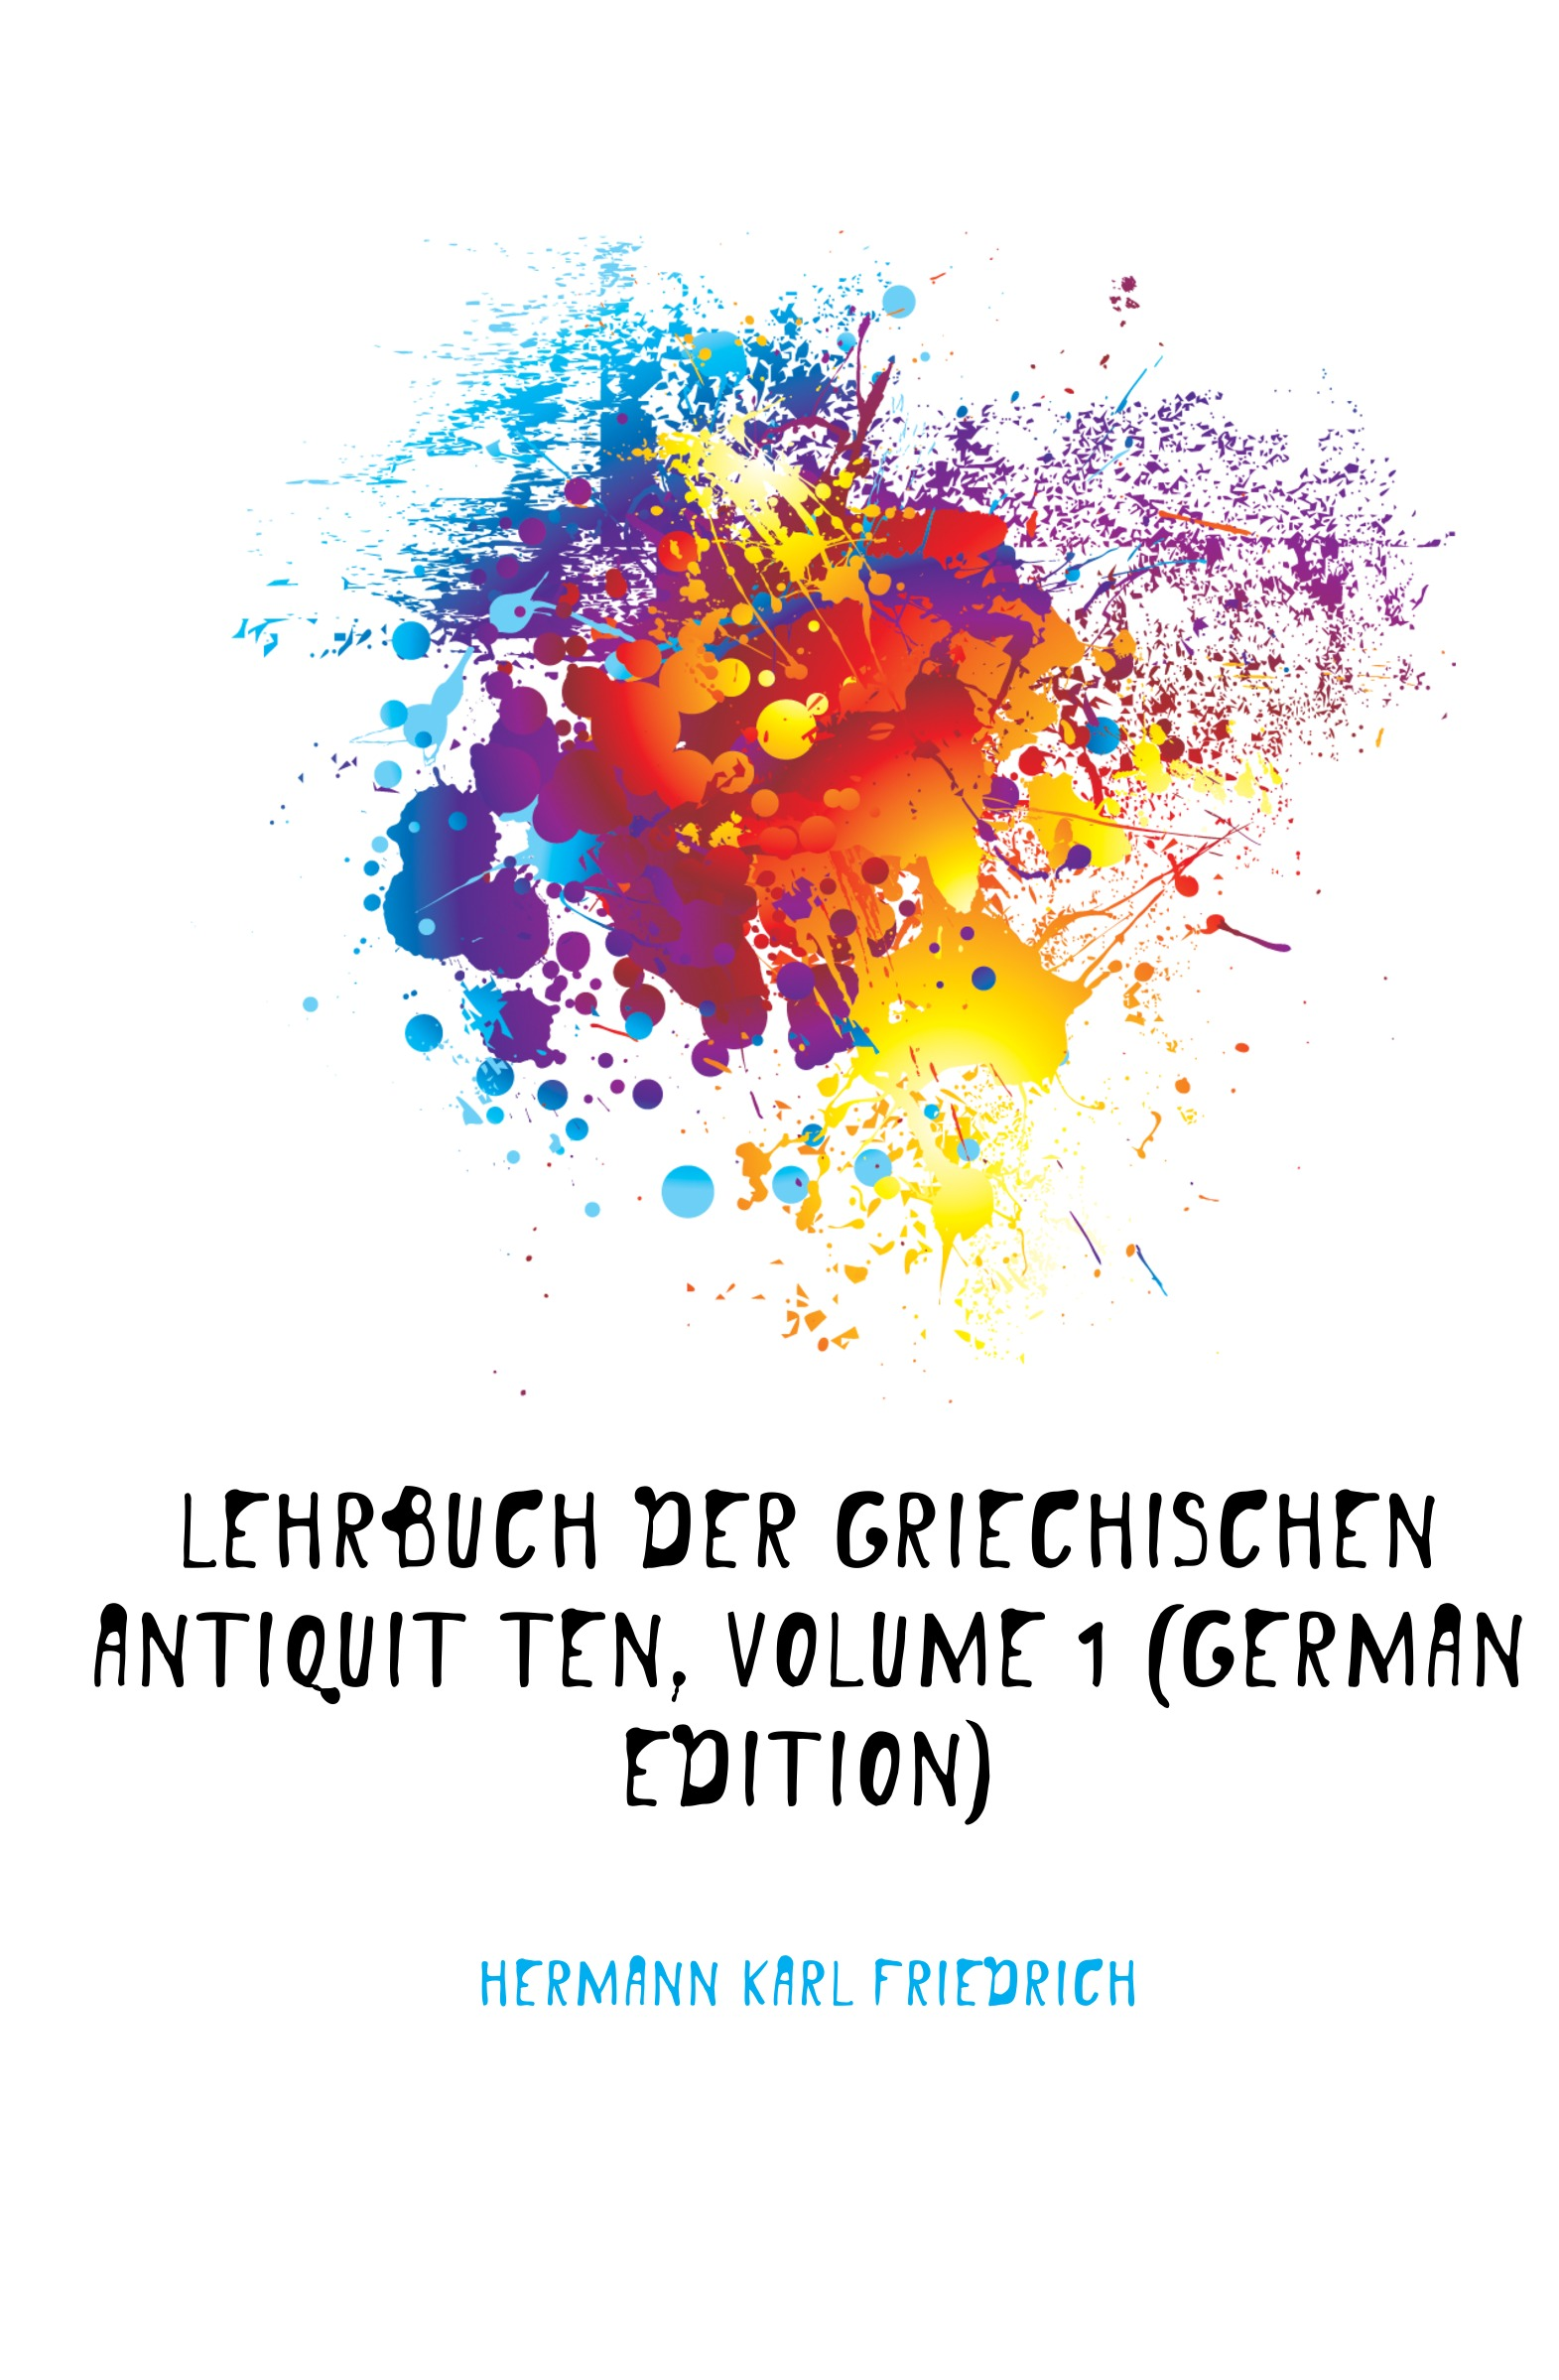 Hermann Karl Friedrich Lehrbuch Der Griechischen Antiquitaten, Volume 1 (German Edition) hermann karl friedrich lehrbuch der griechischen antiquitaten